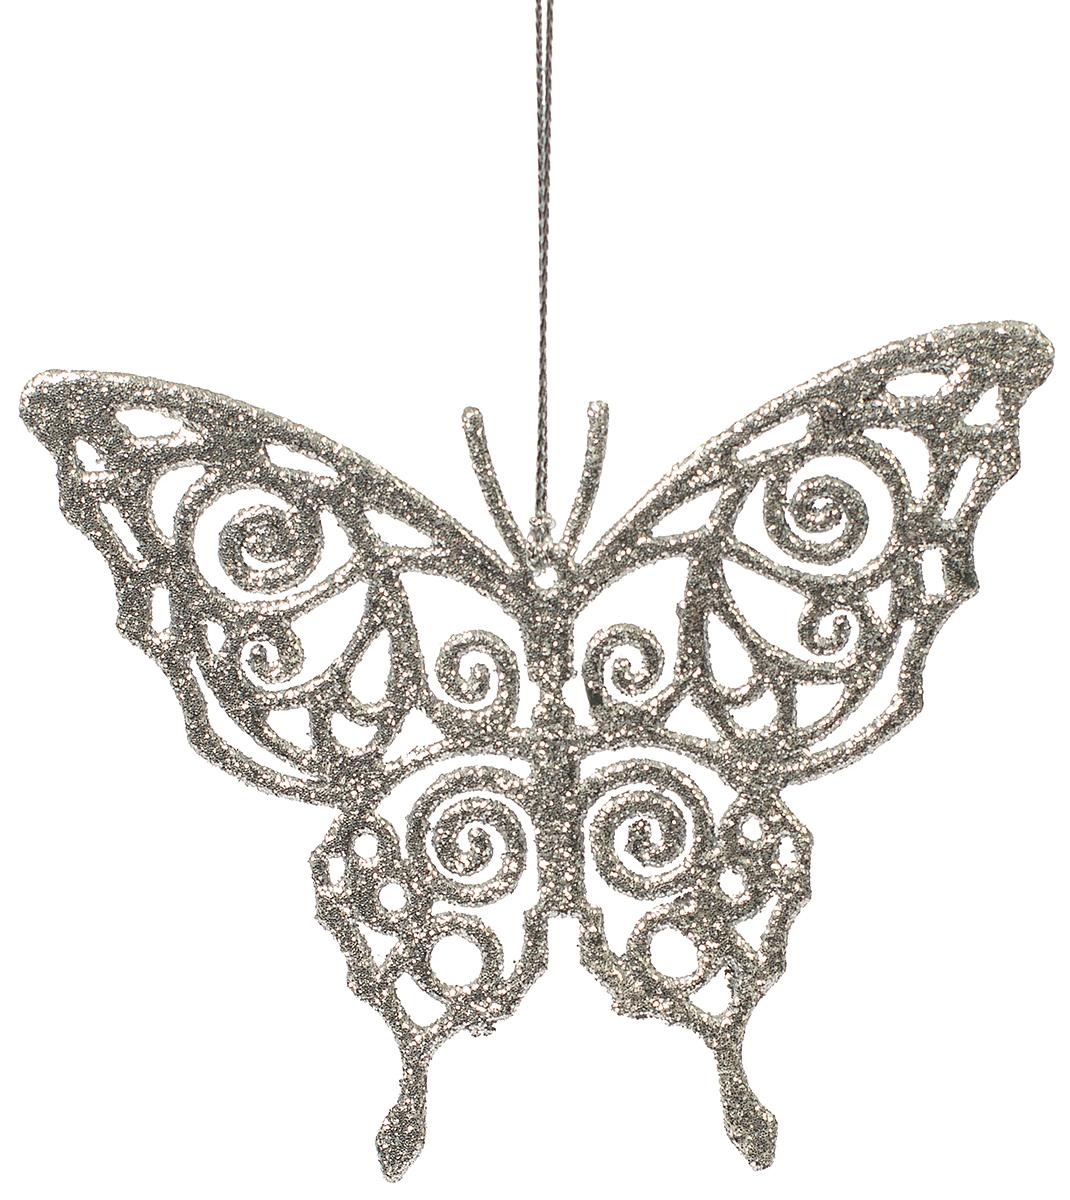 Украшение новогоднее елочное Magic Time Бабочка серебряная. 7507775077Новогоднее подвесное елочное украшение Бабочка серебряная из полипропилена, 11х9см, артикул 75077